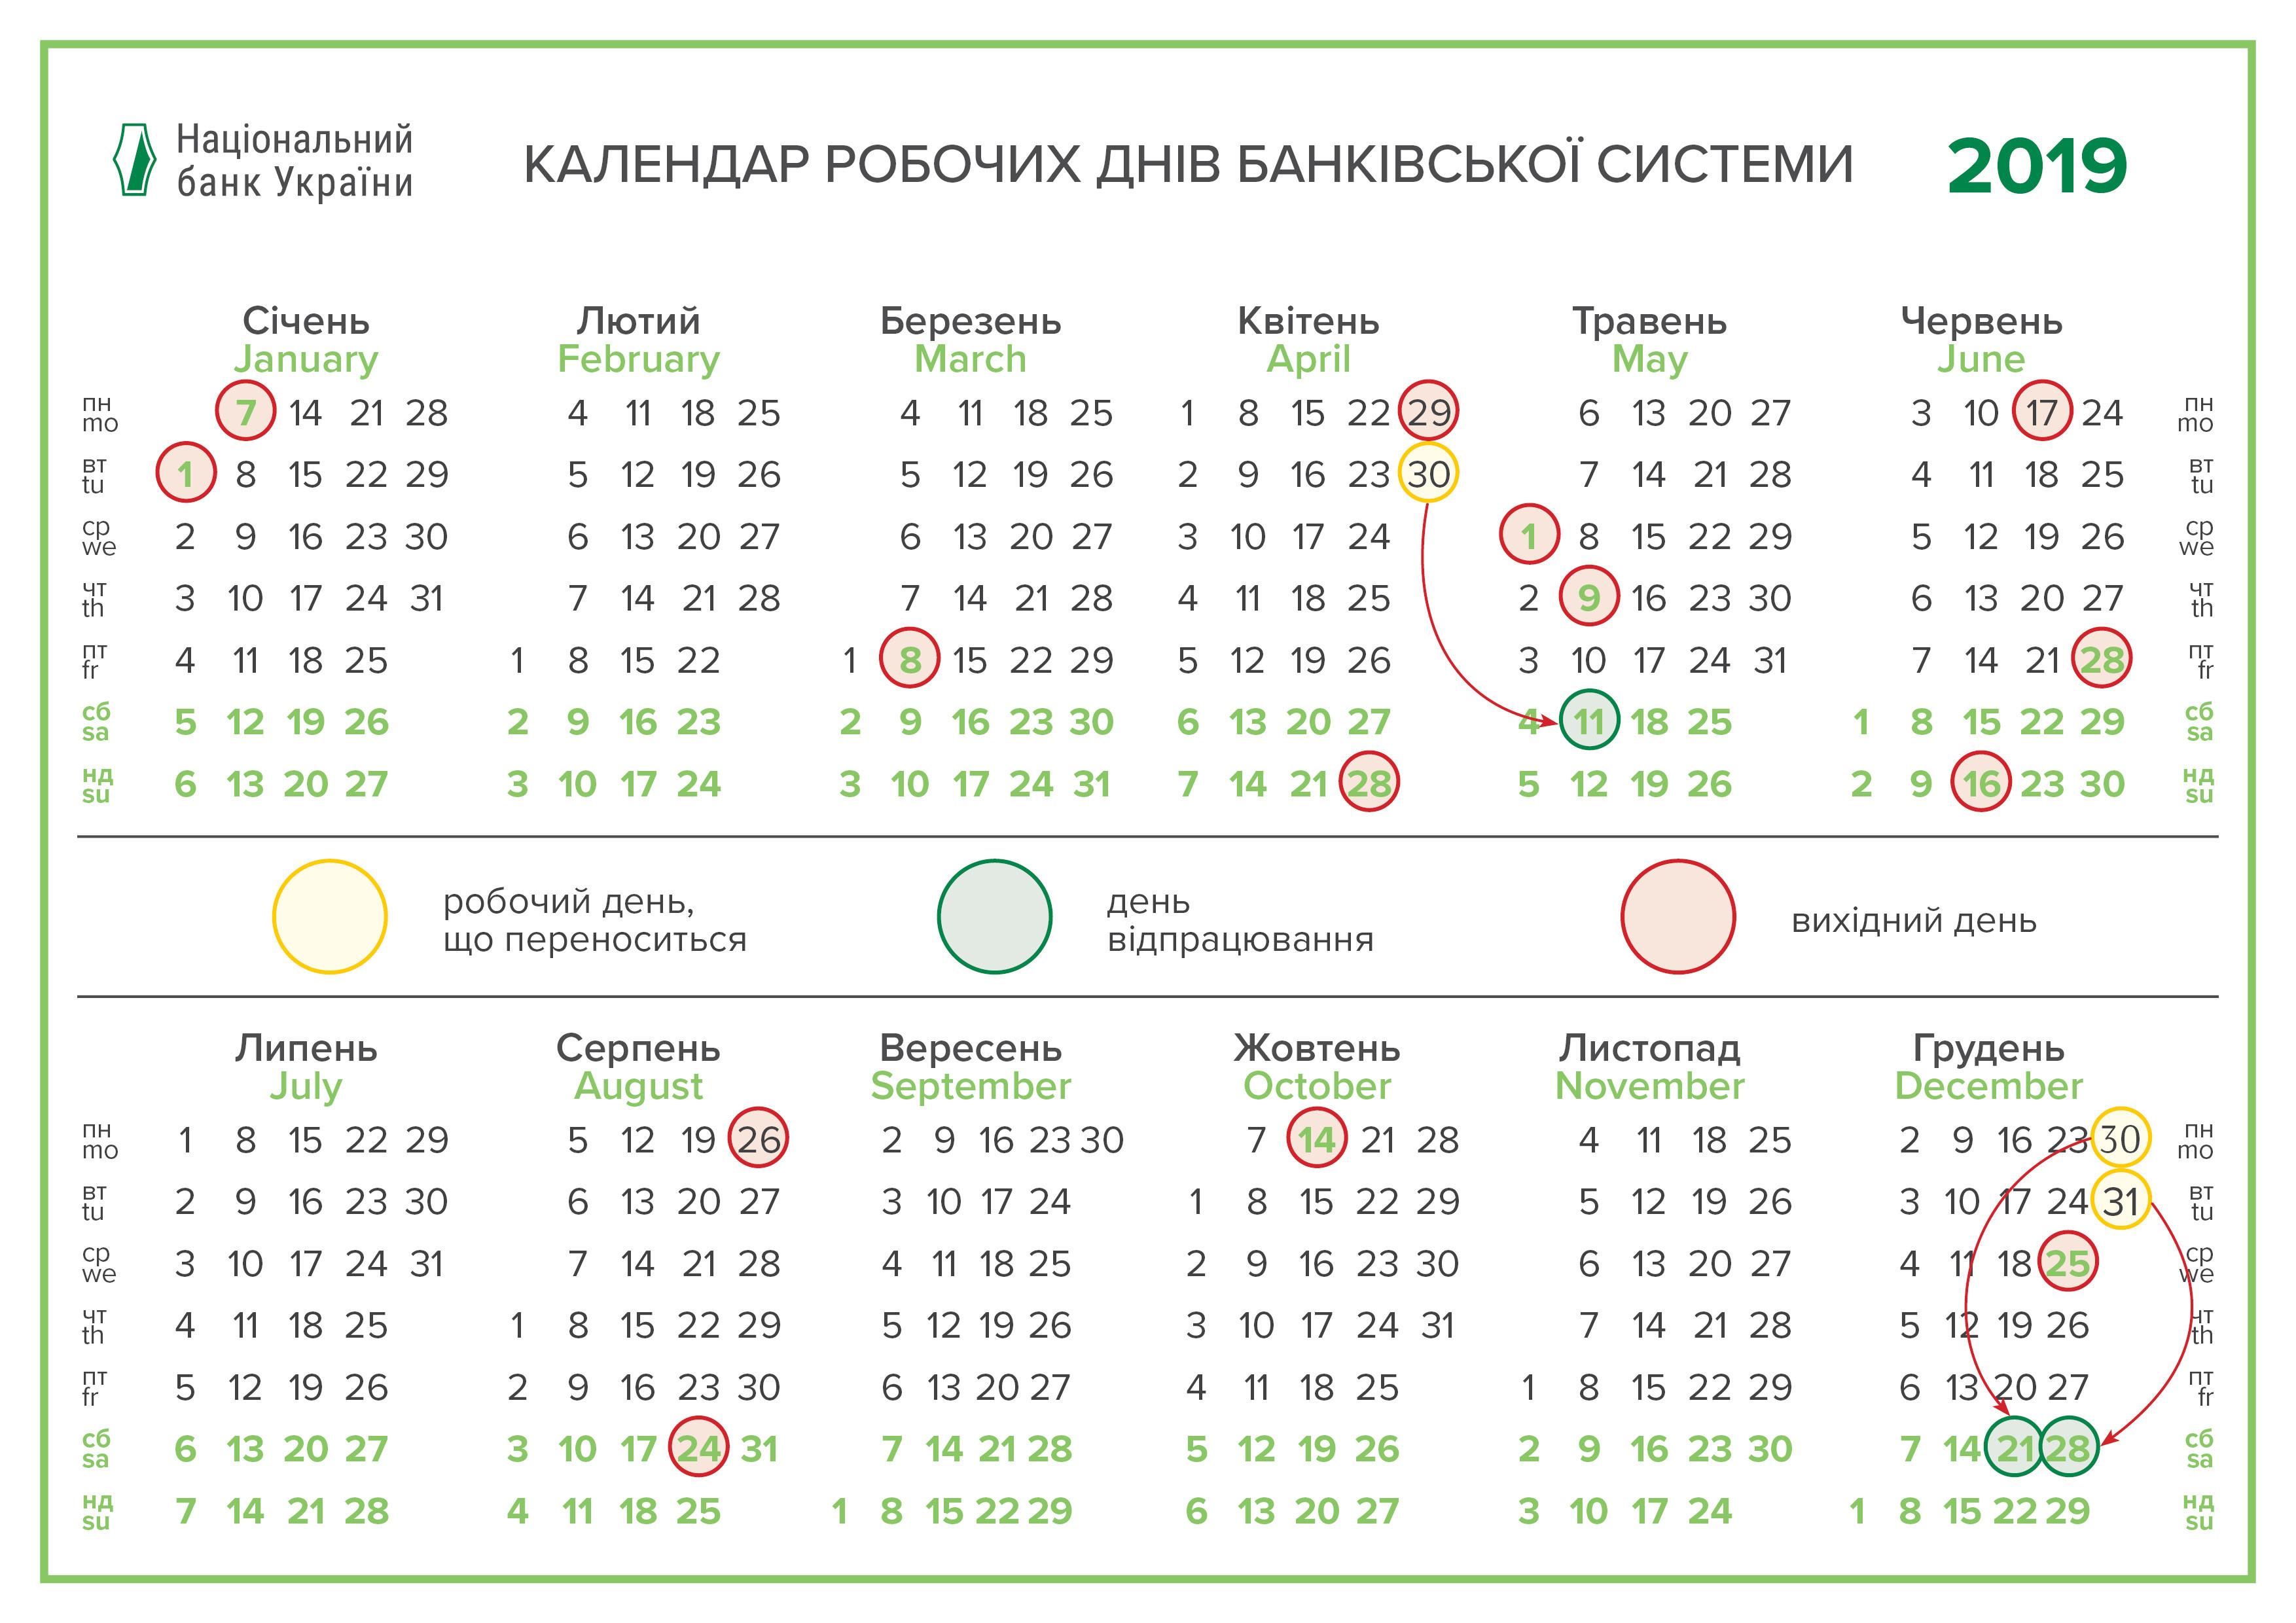 Календарь рабочих дней банковской системы / пресс-служба НБУ